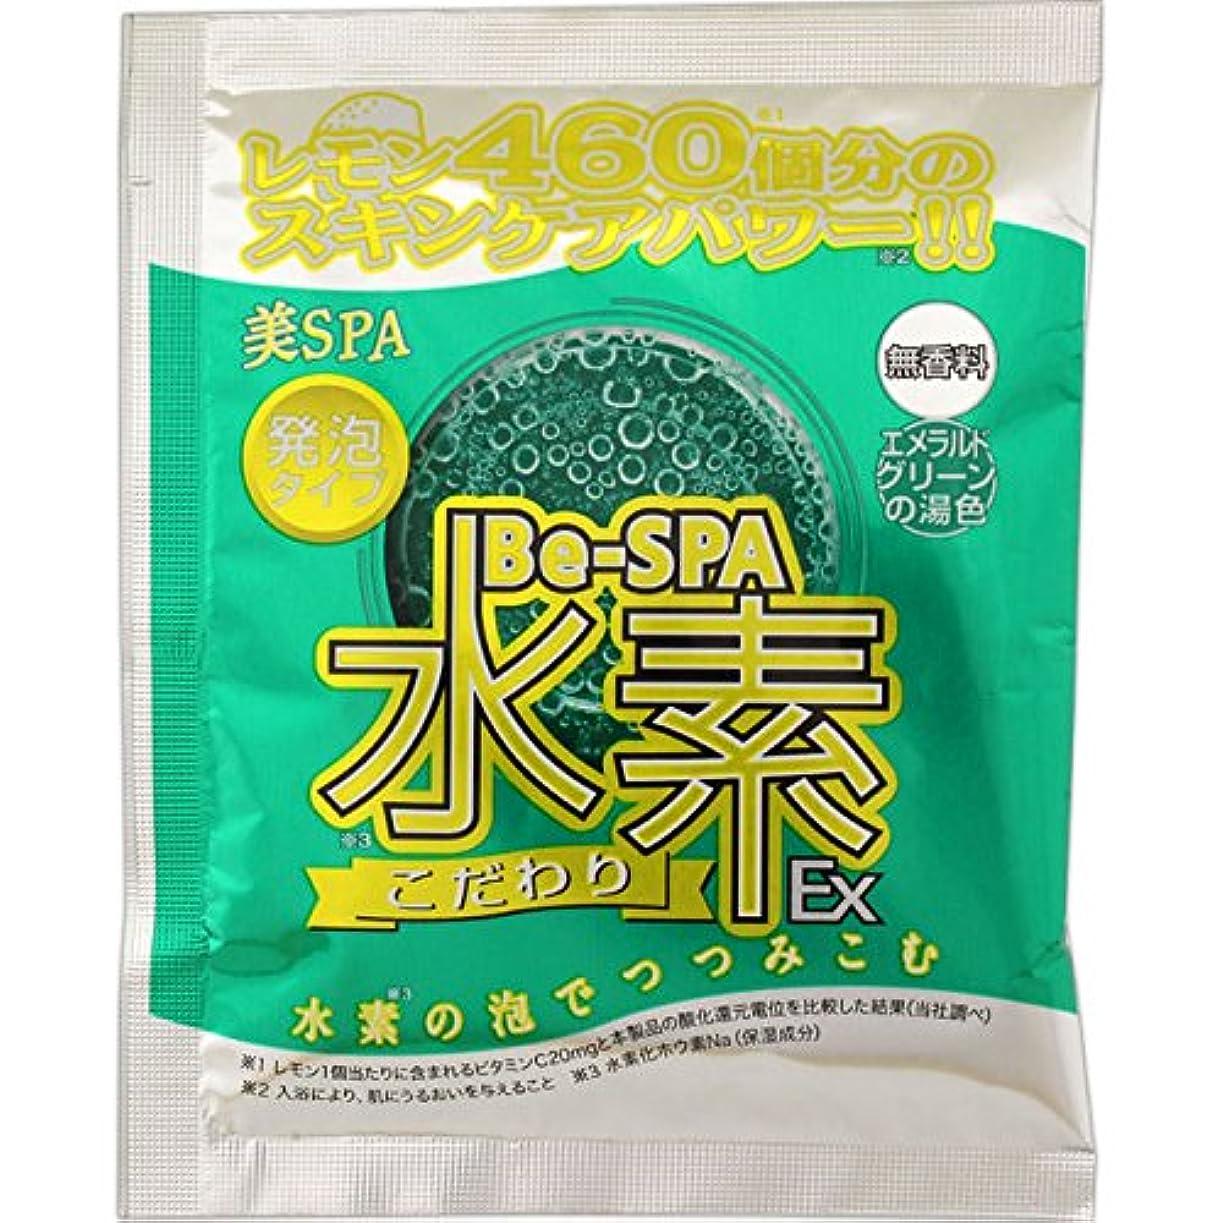 高価なオンス蓋日本生化学 美SPA水素EX エメラルドグリーンの湯色 25g